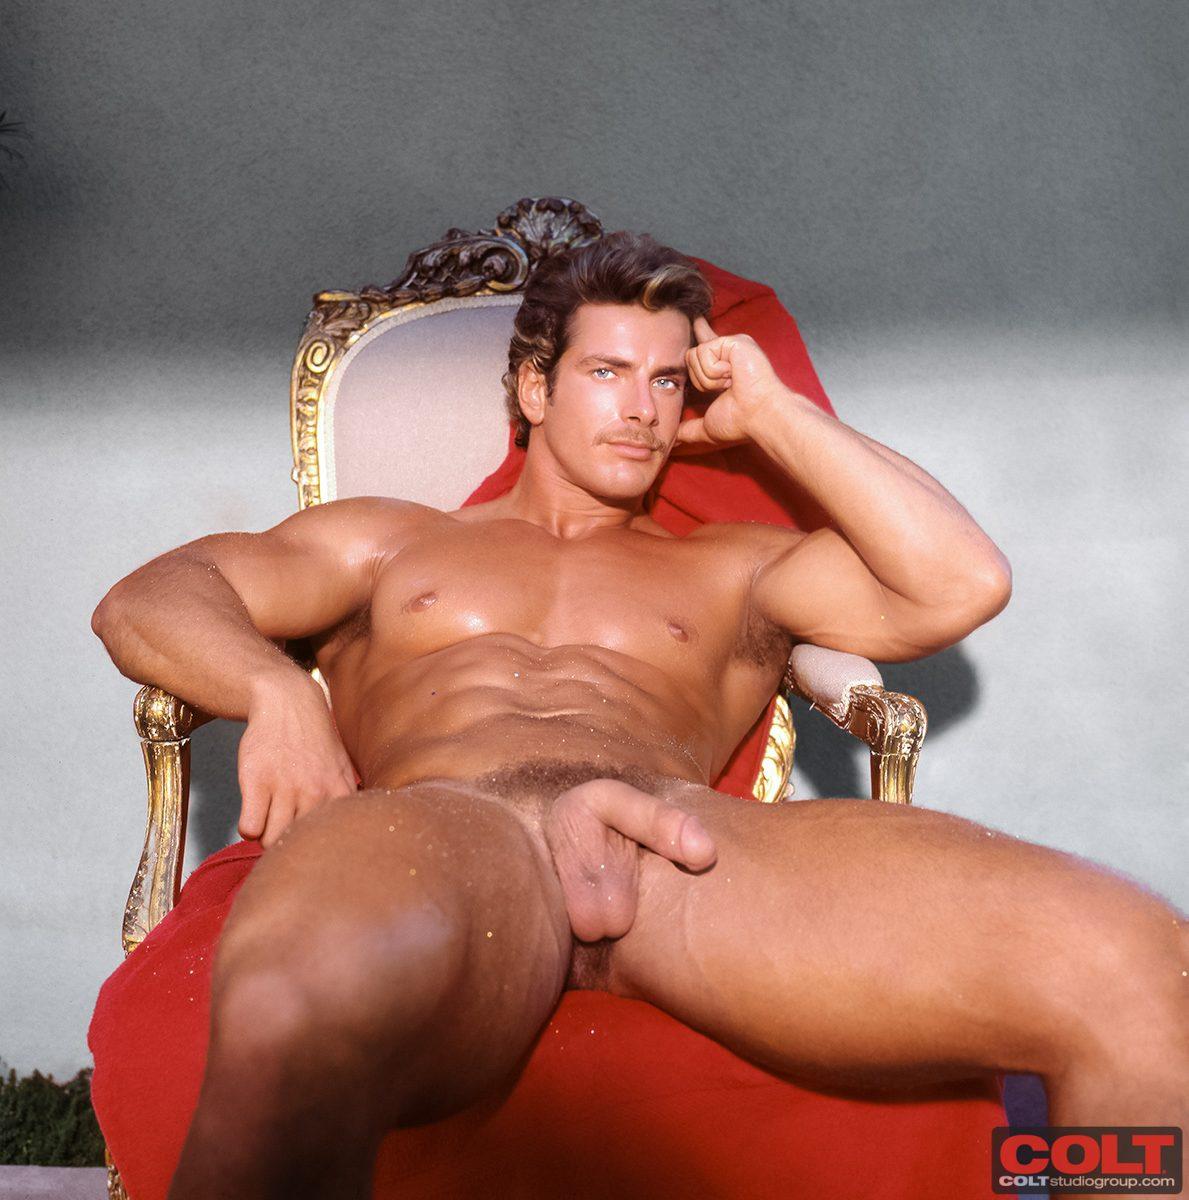 porno gey gratis escort gay santiago